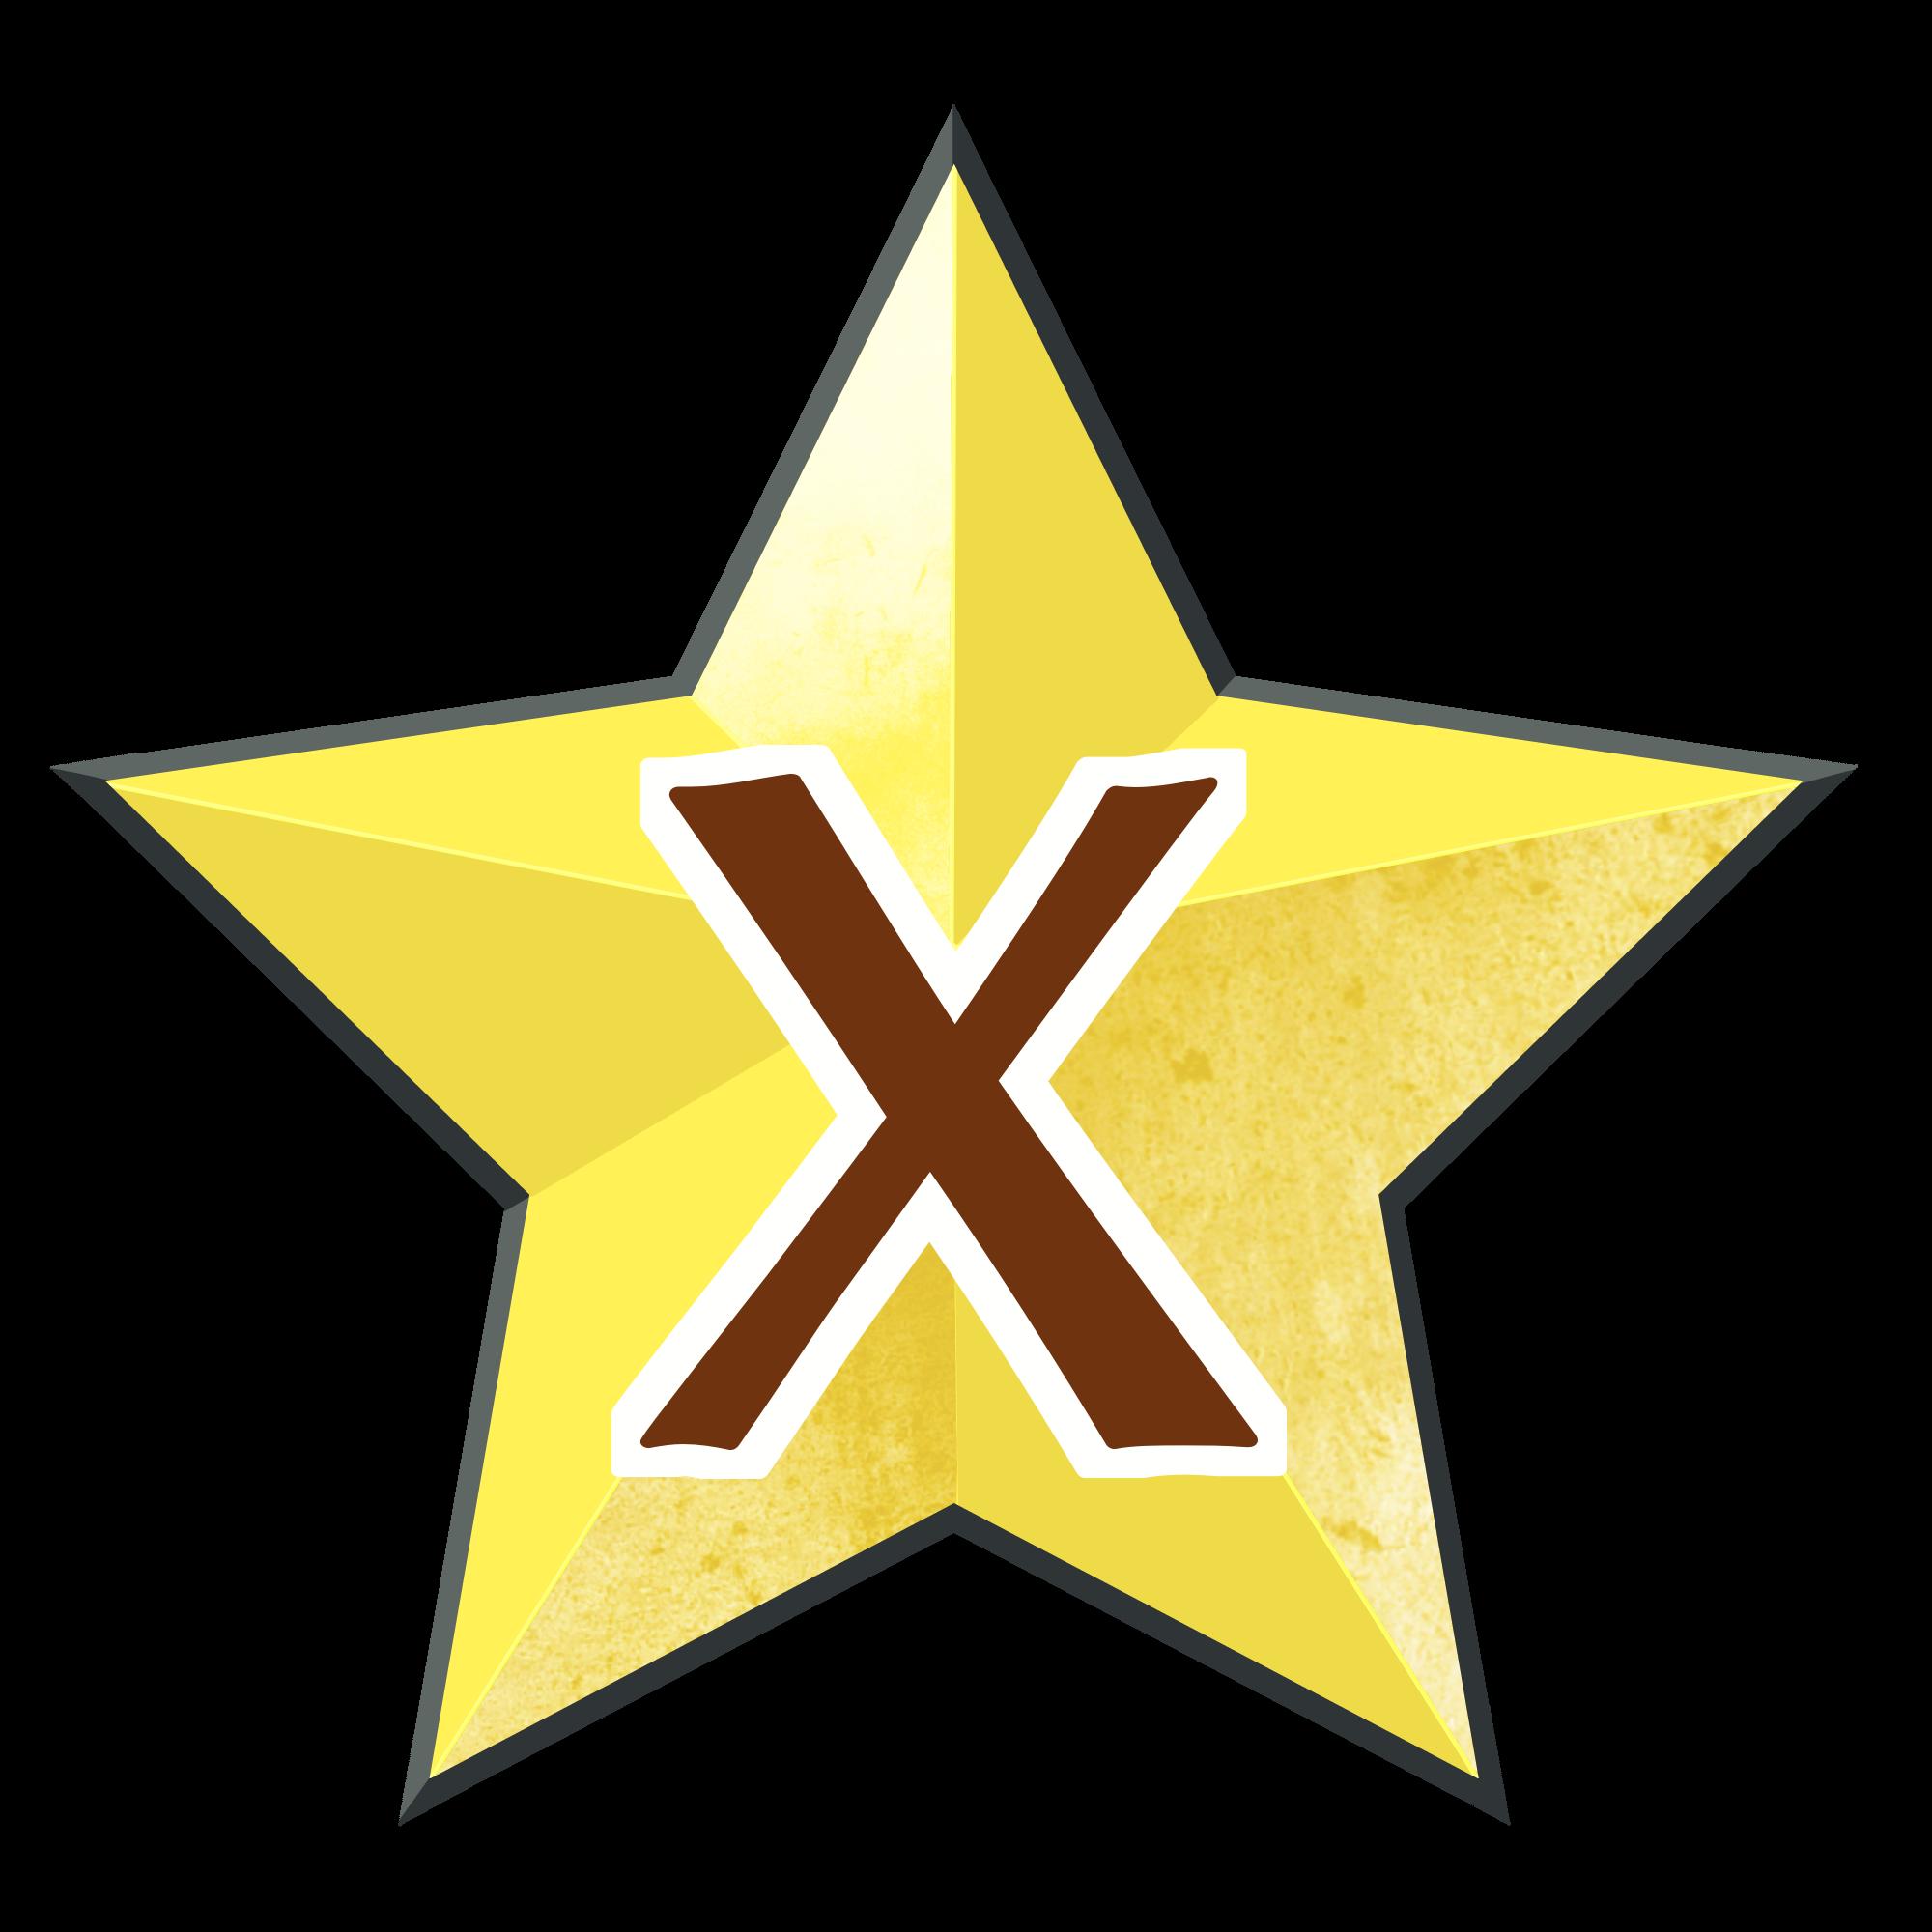 レア度Xのアイコン